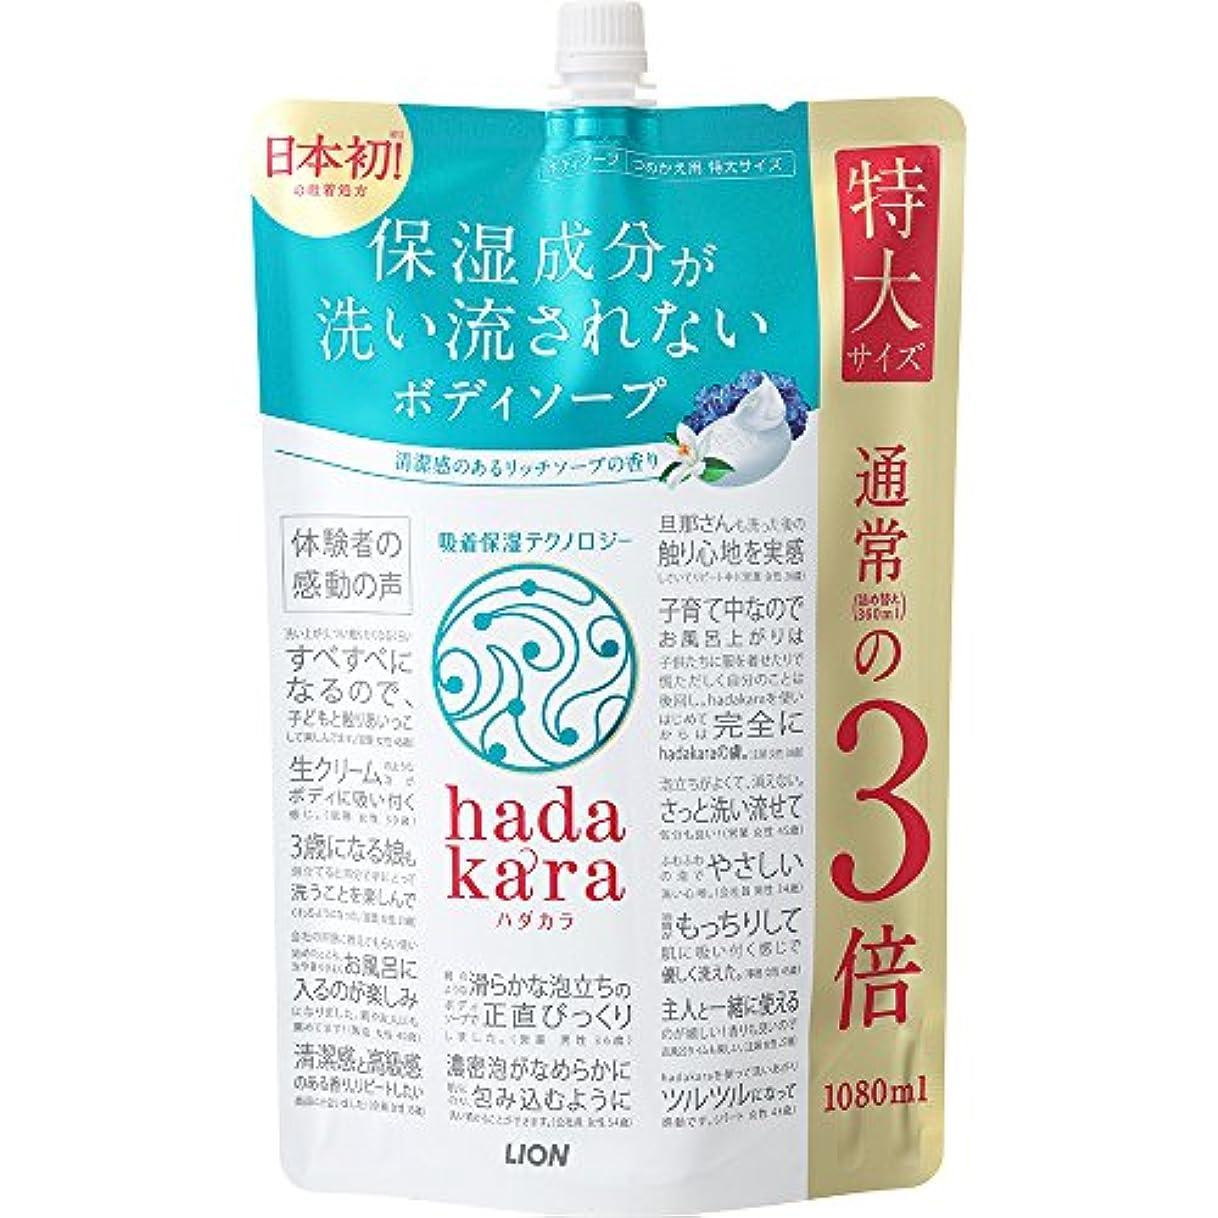 アマチュアメタルライン落胆する【大容量】hadakara(ハダカラ) ボディソープ リッチソープの香り 詰め替え 特大 1080ml